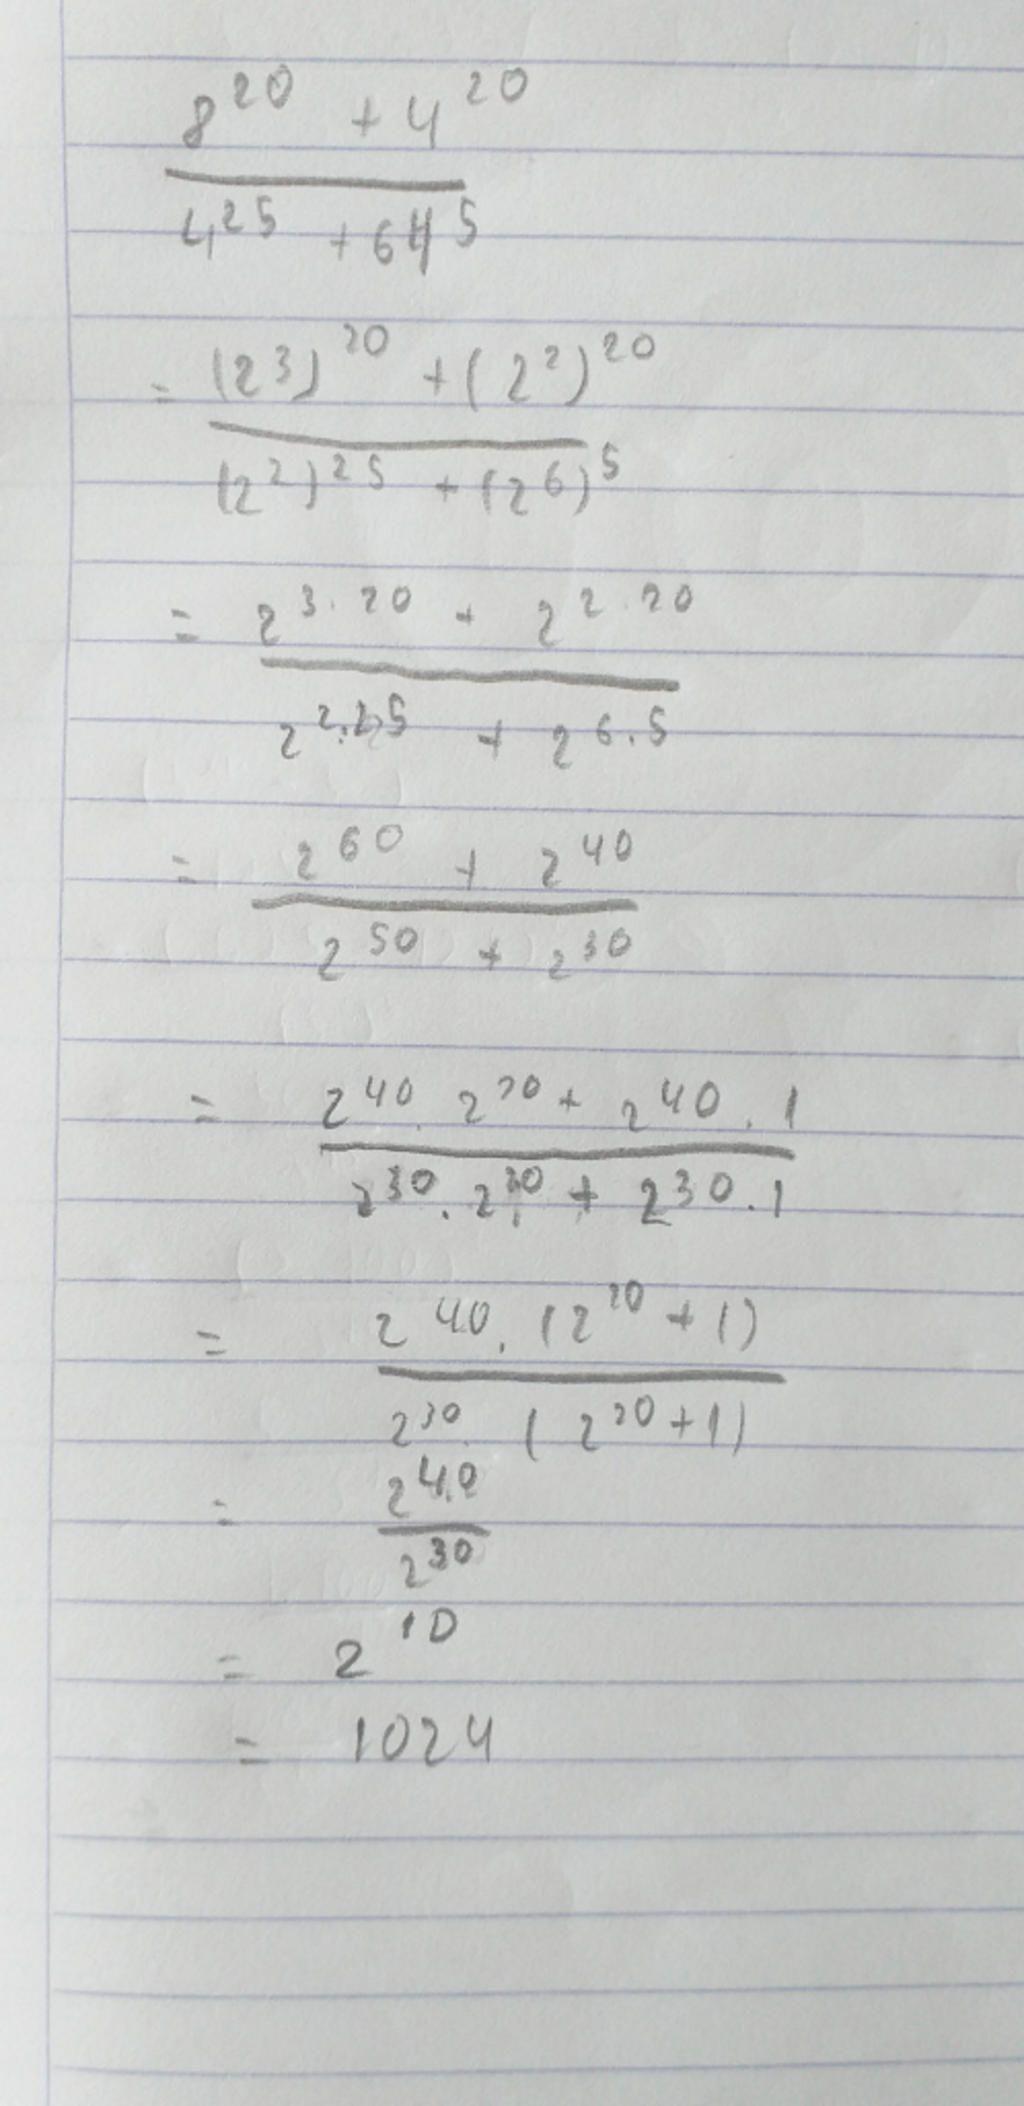 giup-8-mu-20-cong-4-mu-20-phan-4-mu-25-cong-64-mu-5